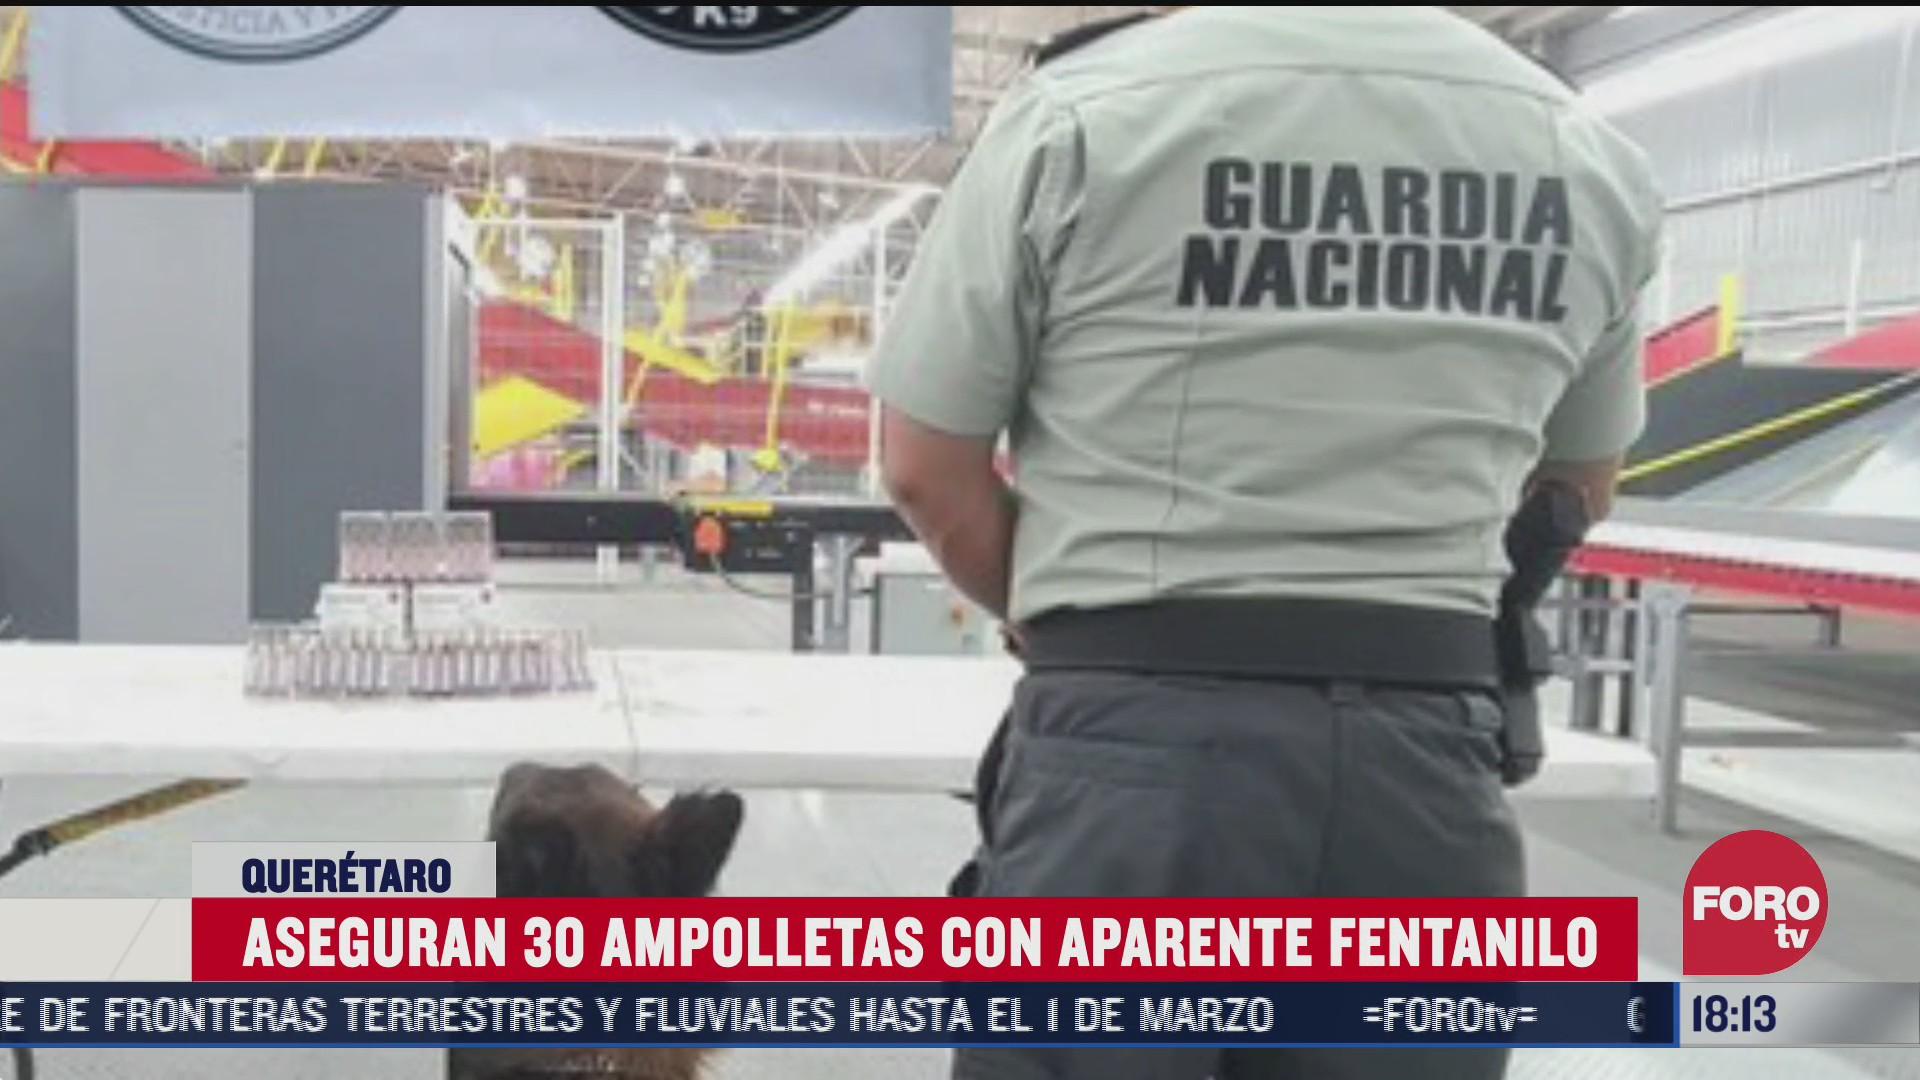 aseguran 30 ampolletas de fentanilo en aeropuerto de queretaro